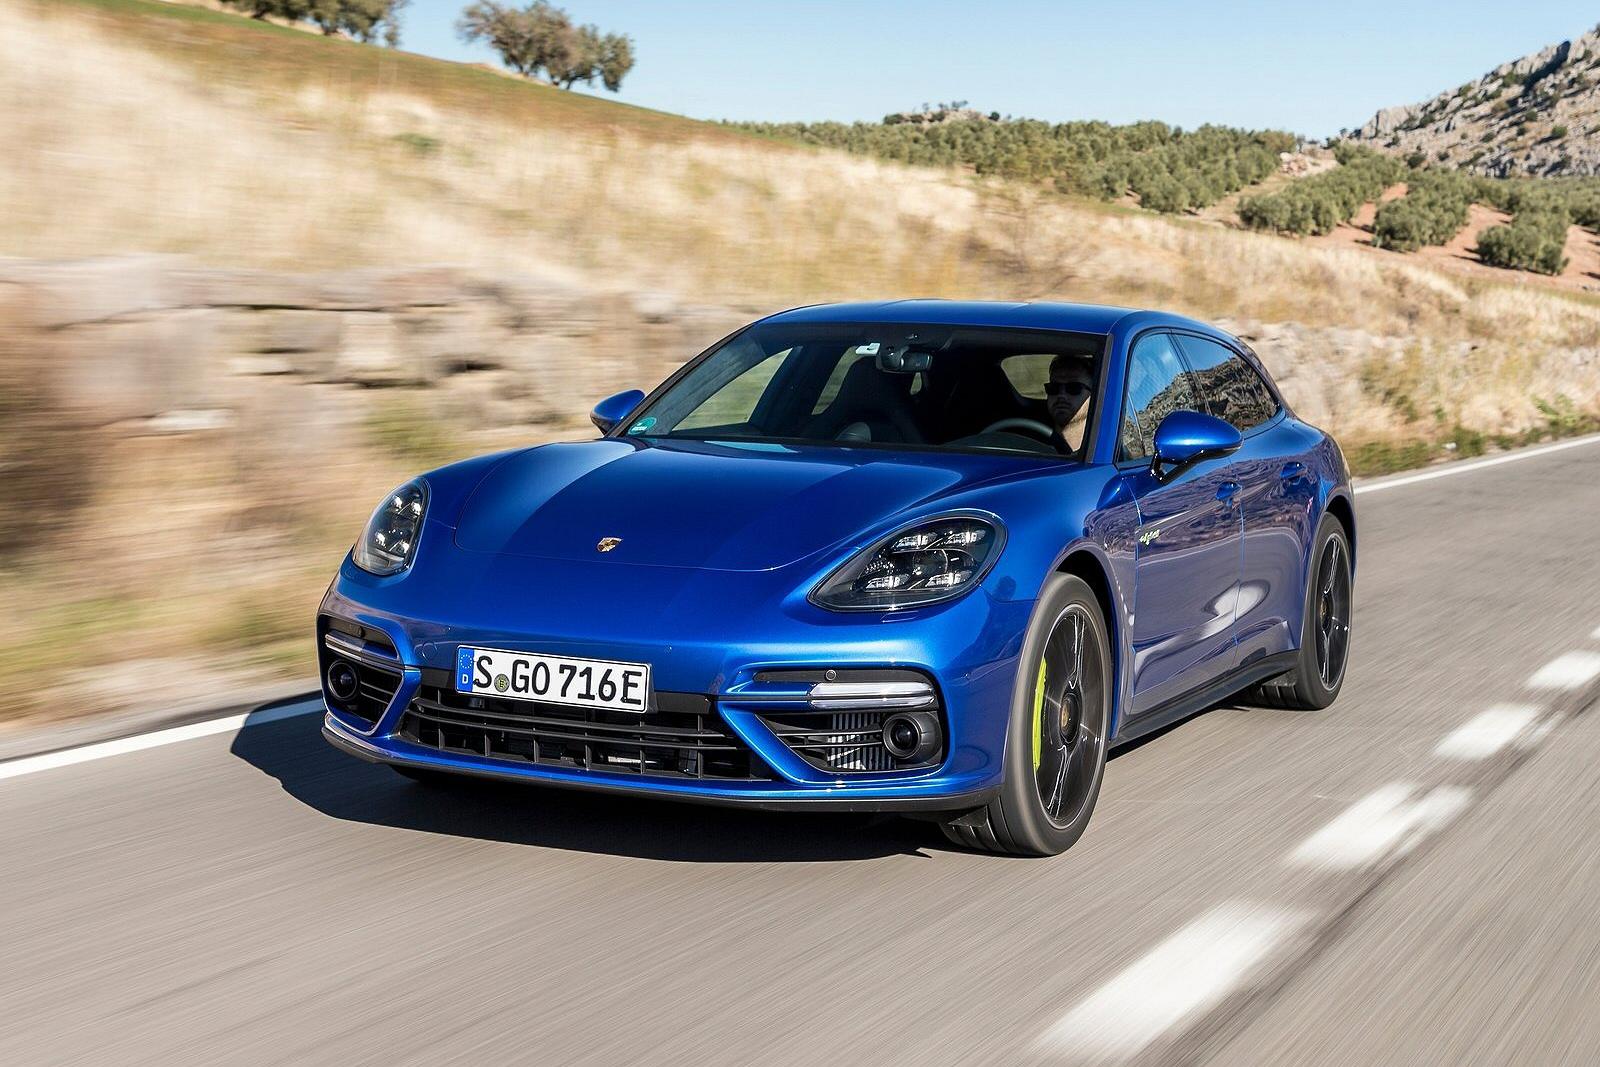 Porsche Panamera Hp Pcp Lease Refused Finance